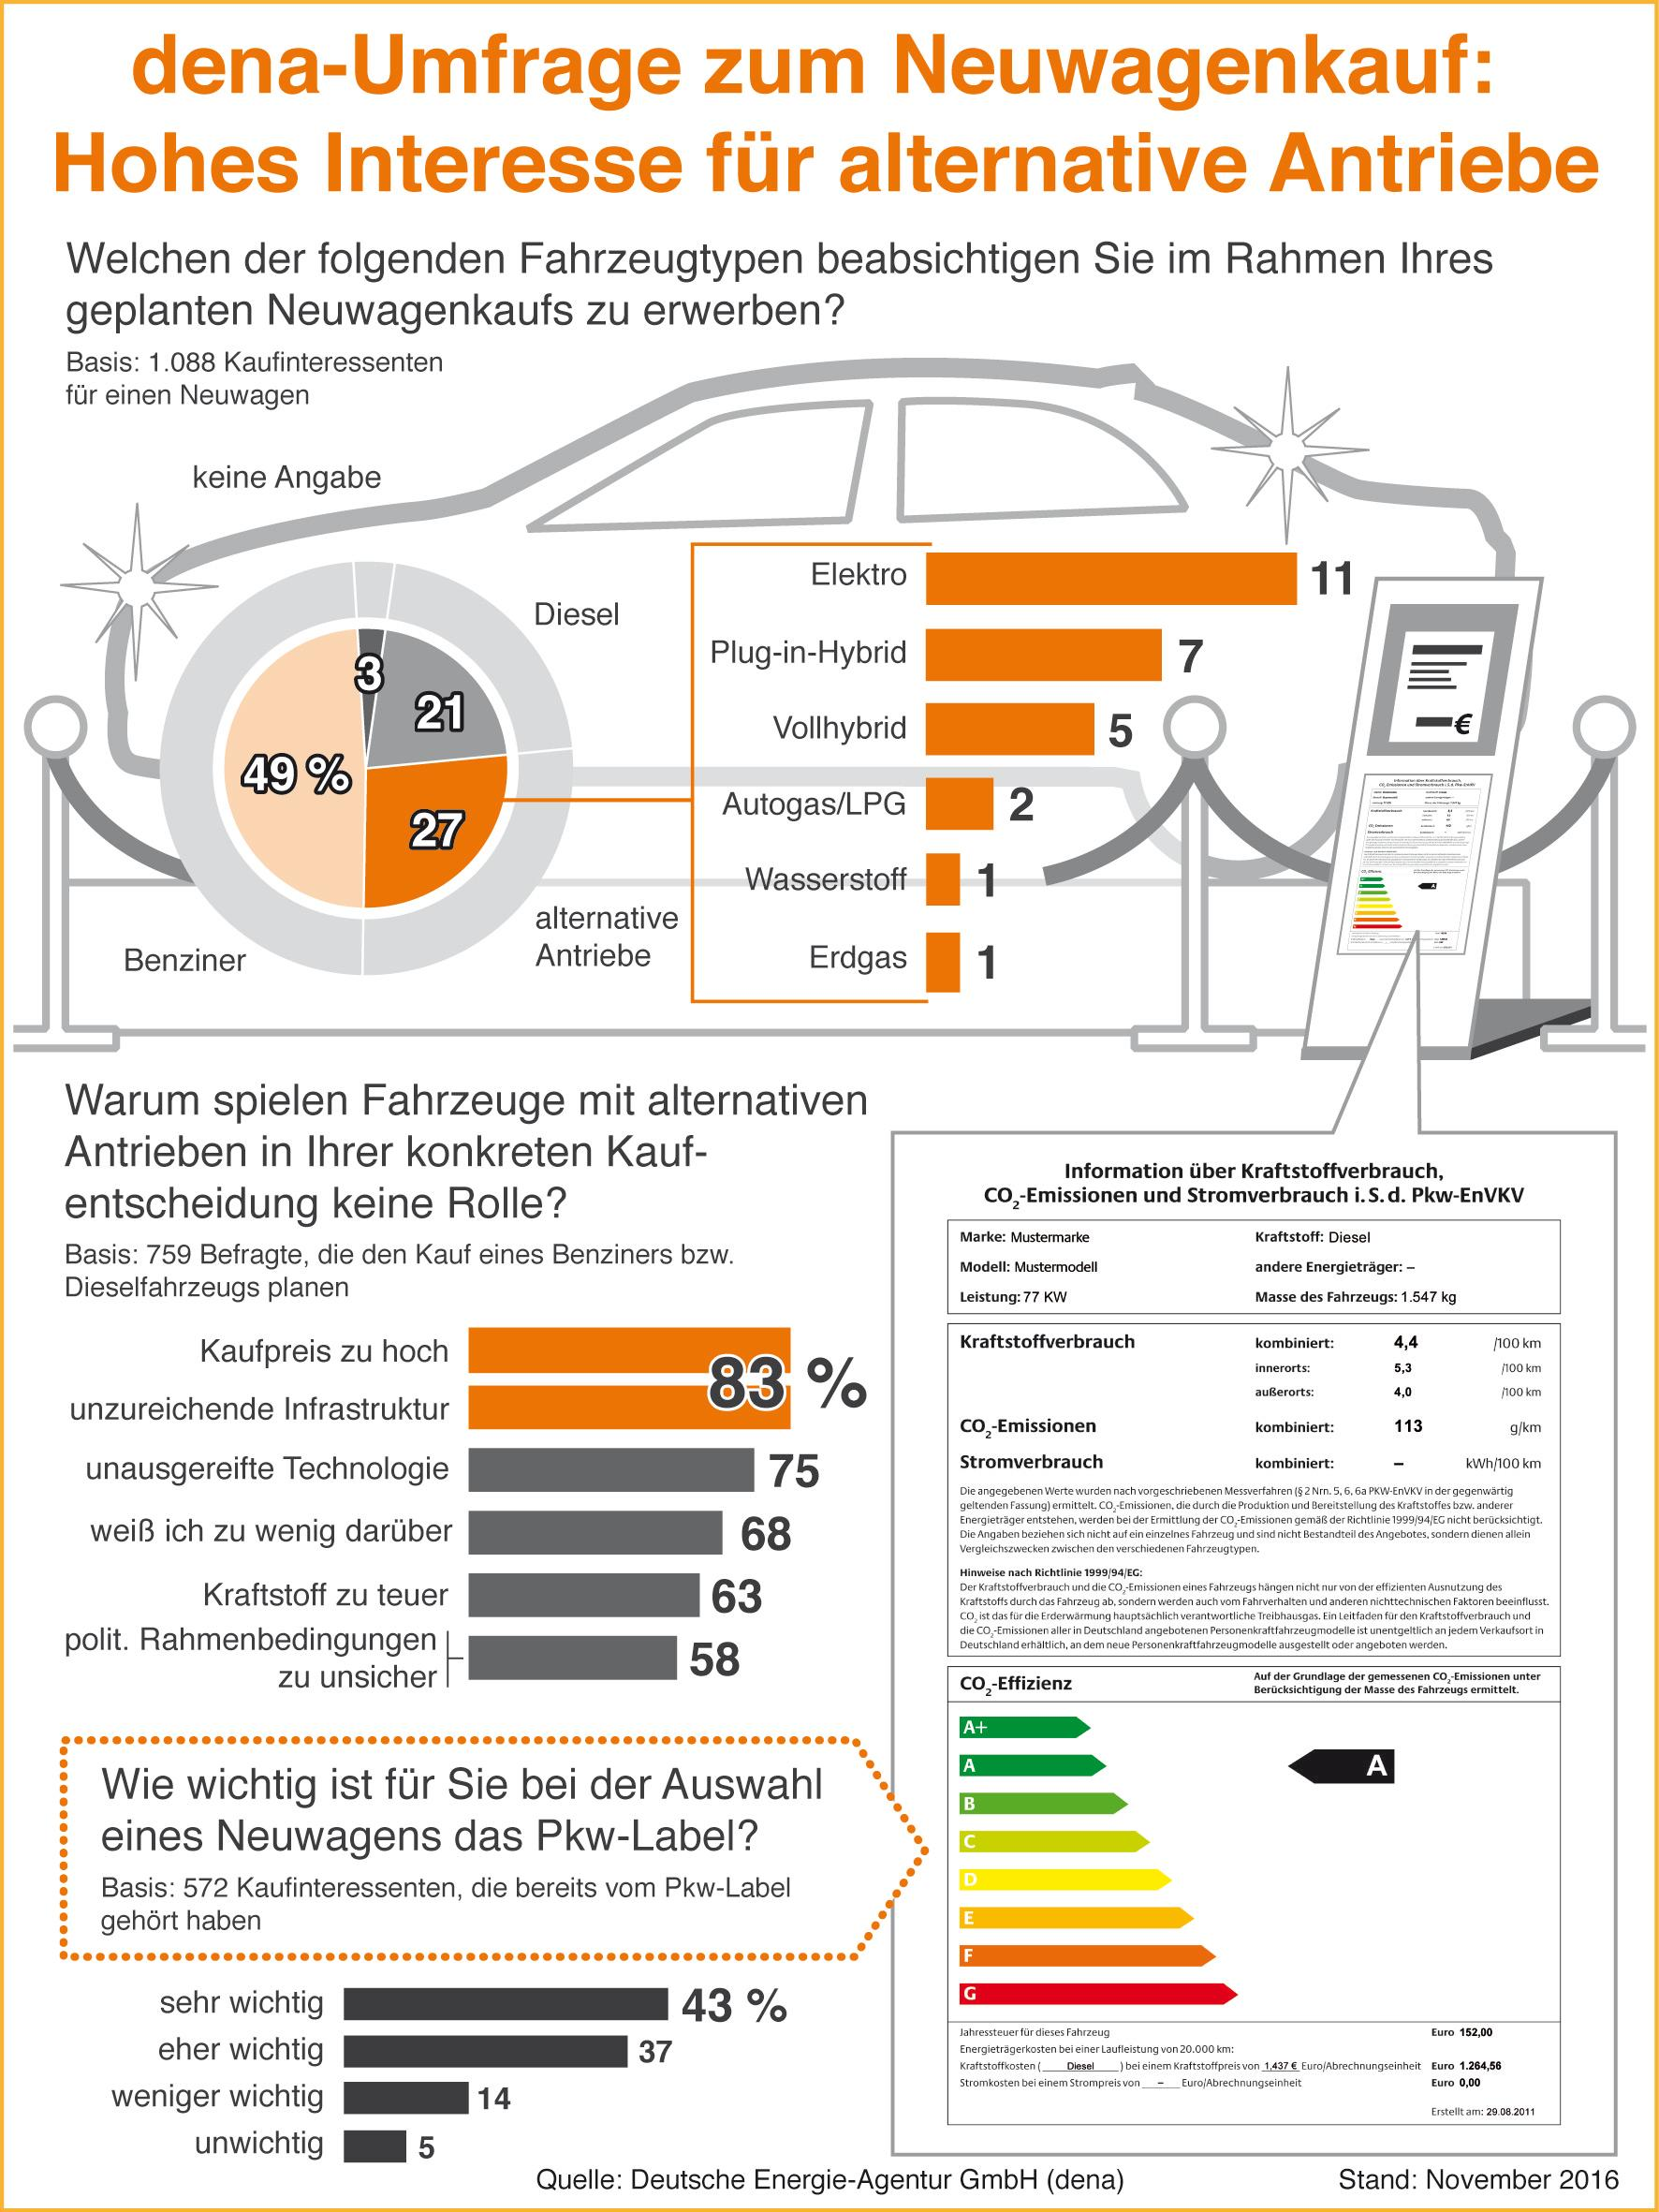 Beste Arbeiten Von Elektrofahrzeugen Ideen - Elektrische Schaltplan ...